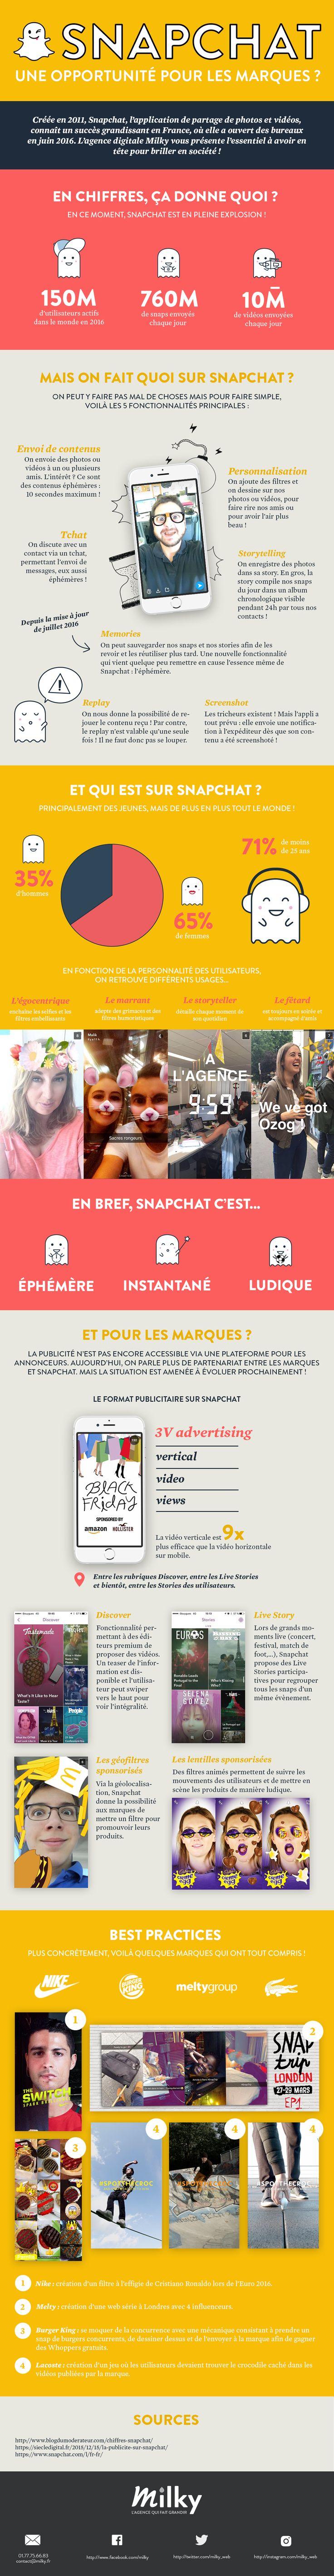 Snapchat : chiffres & bonnes pratiques #infographie [FR]